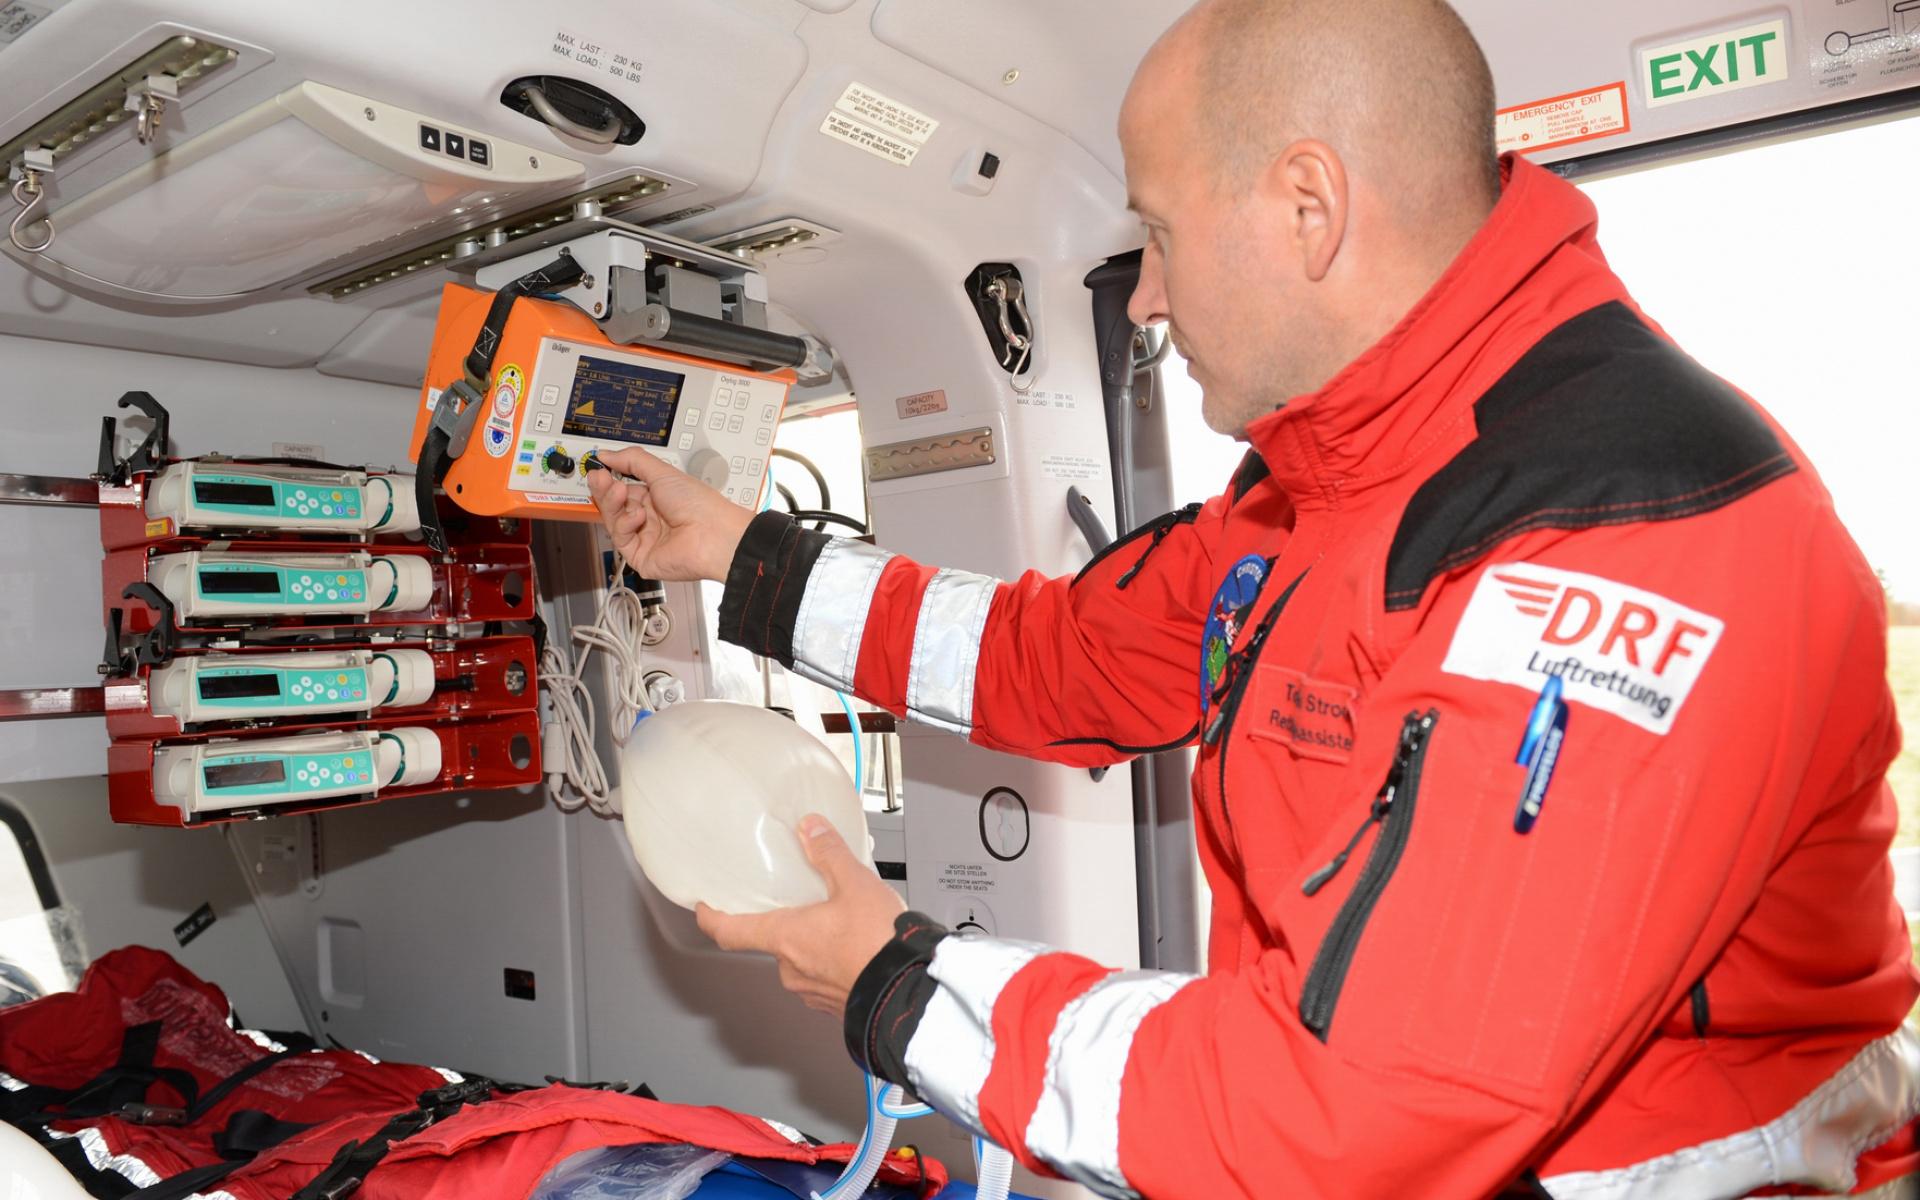 Eine der Kernkompetenzen der Akademie der DRF Luftrettung ist die optimale medizinische Versorgung von Notfall- und Intensivpatienten.